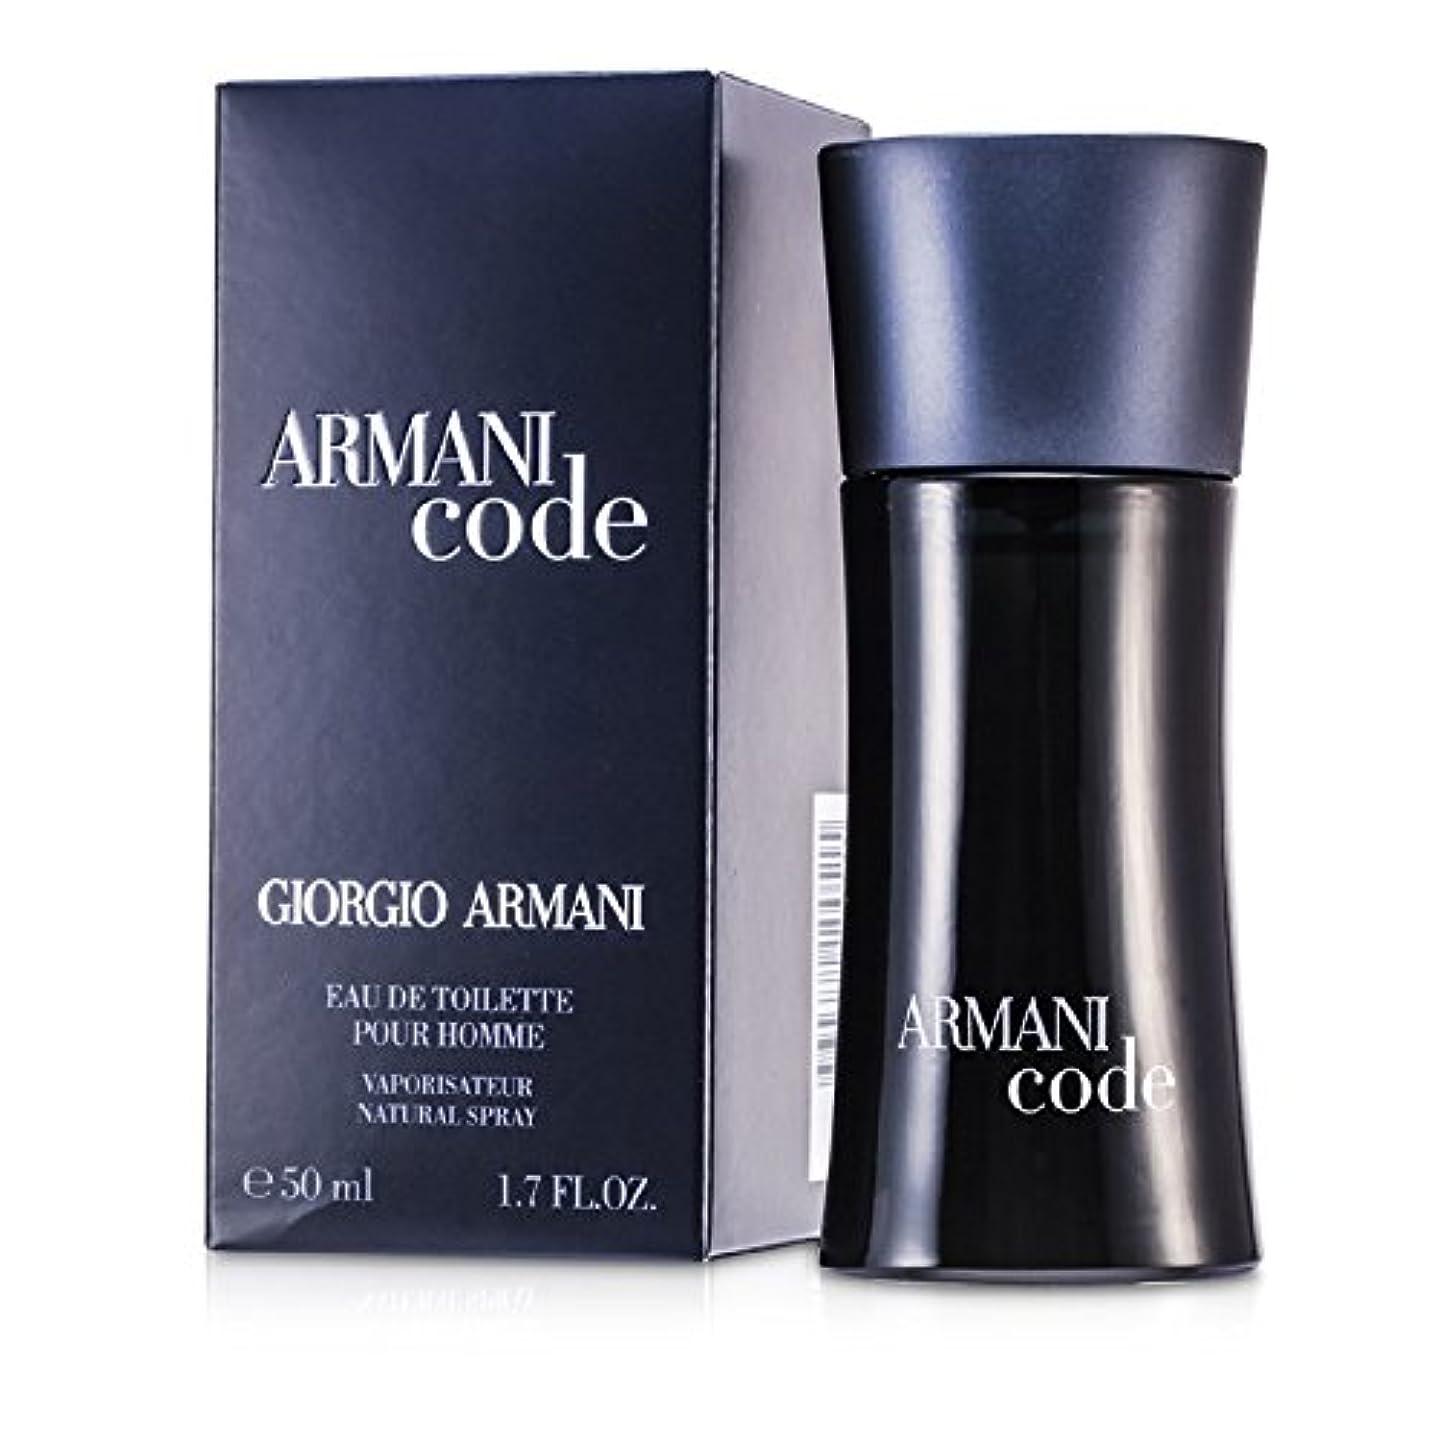 オデュッセウス残るランチョンジョルジオアルマーニ アルマーニ コード EDTスプレー 50ml/1.7oz並行輸入品